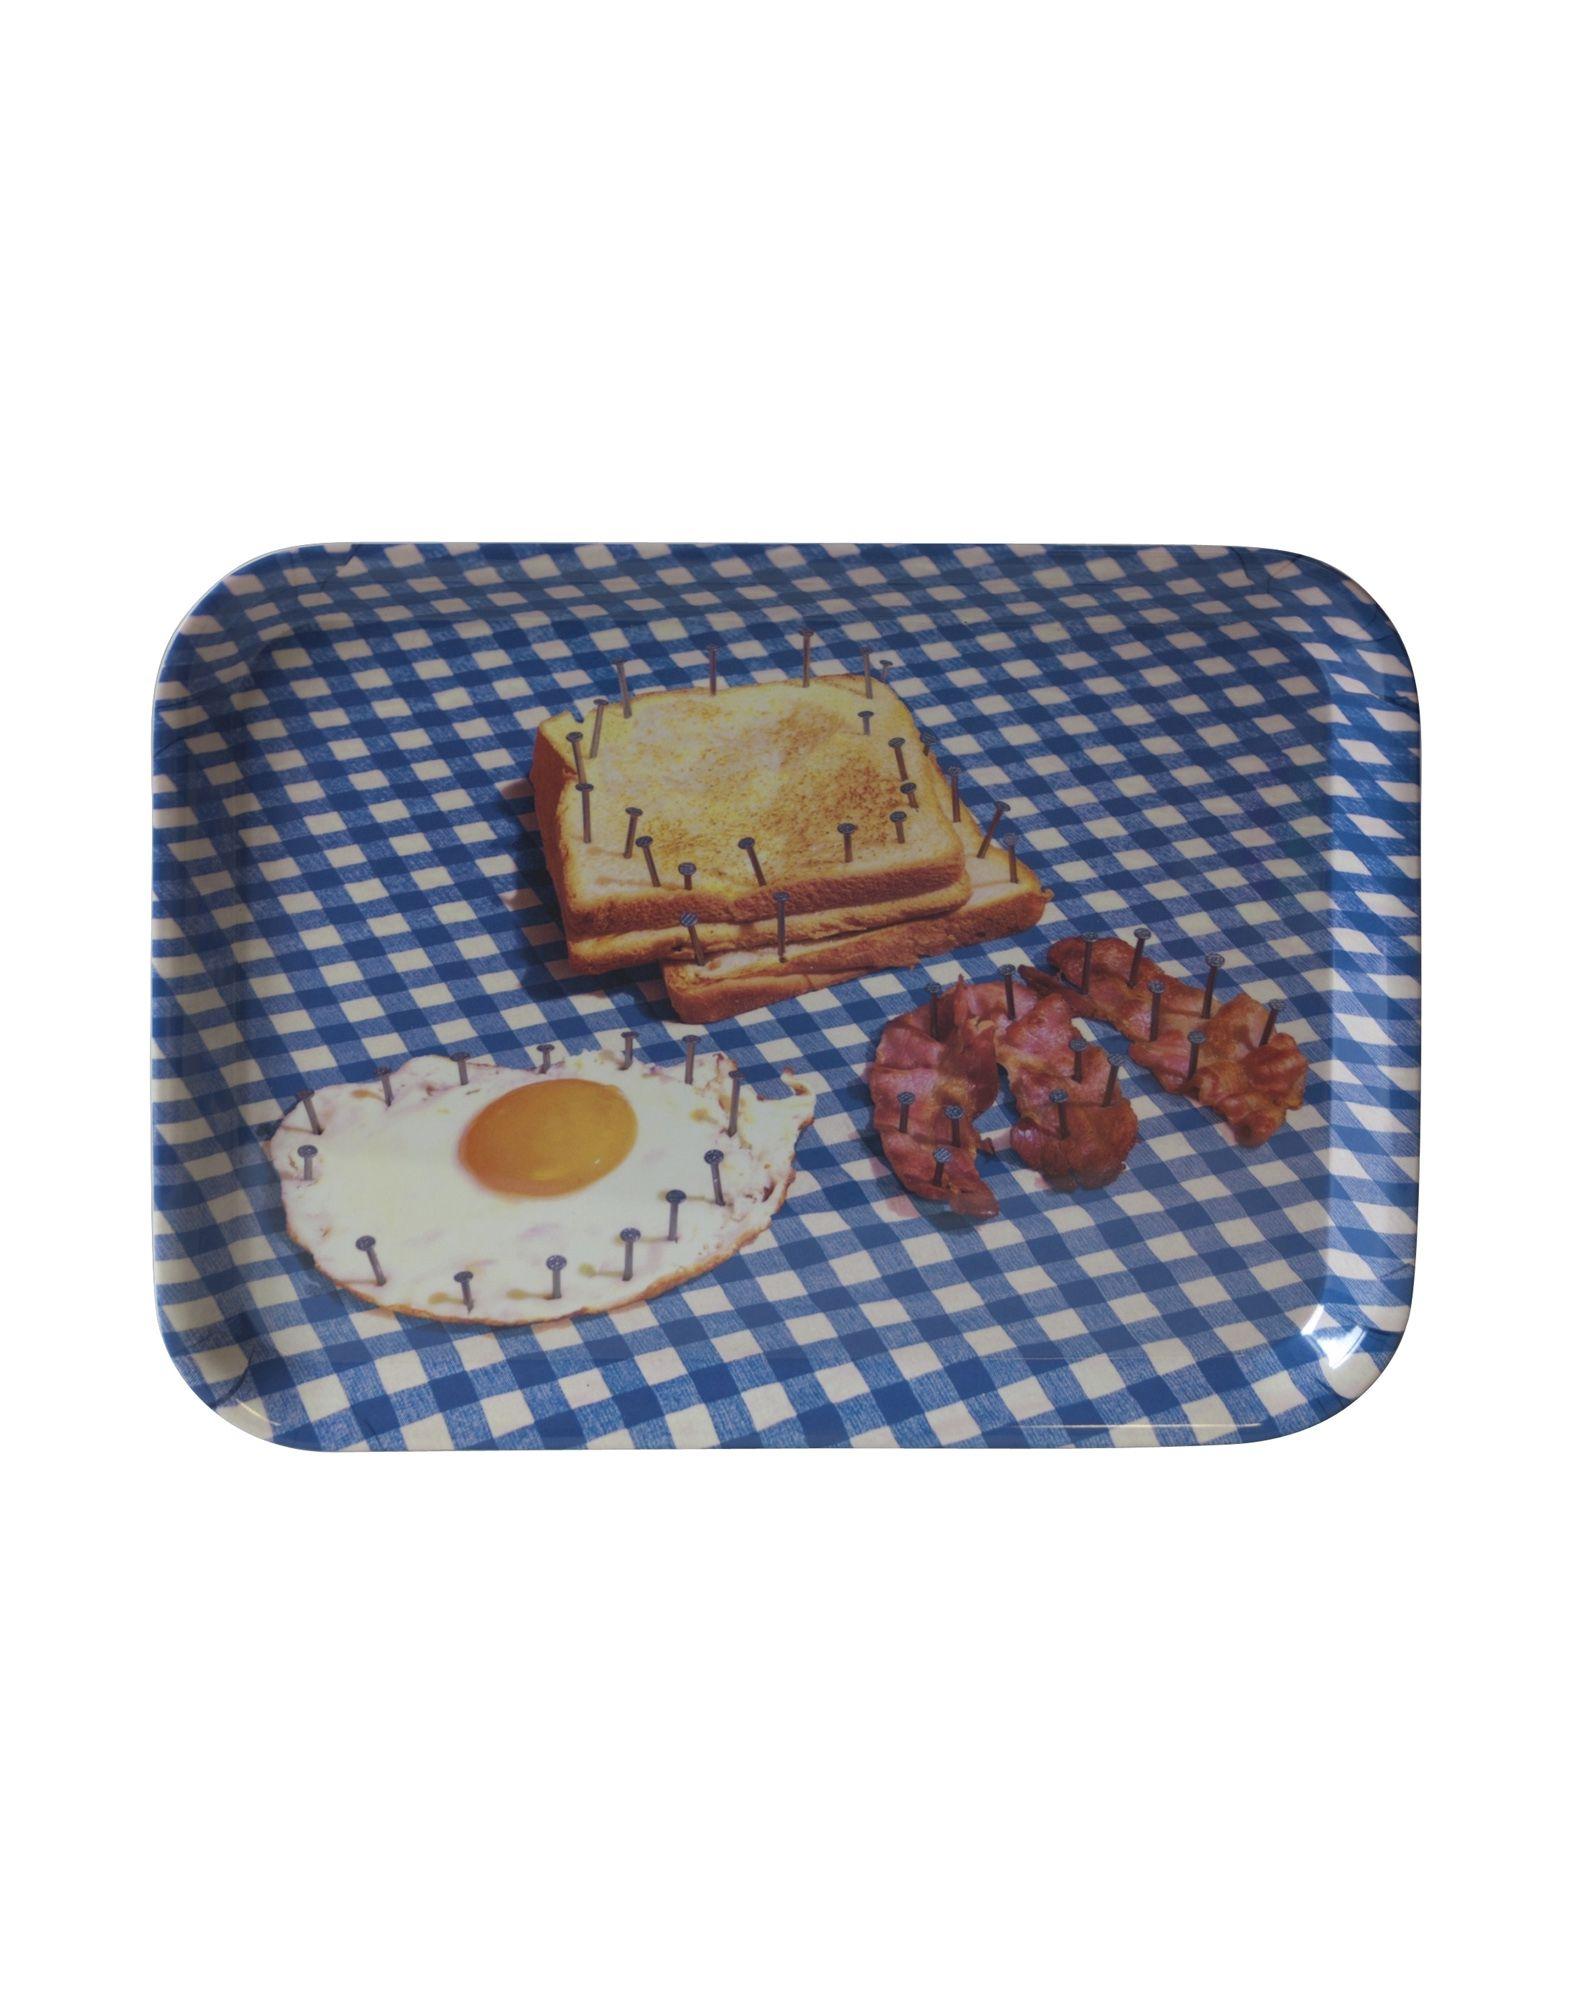 unique dishes Seletti Wears Toiletpaper trays